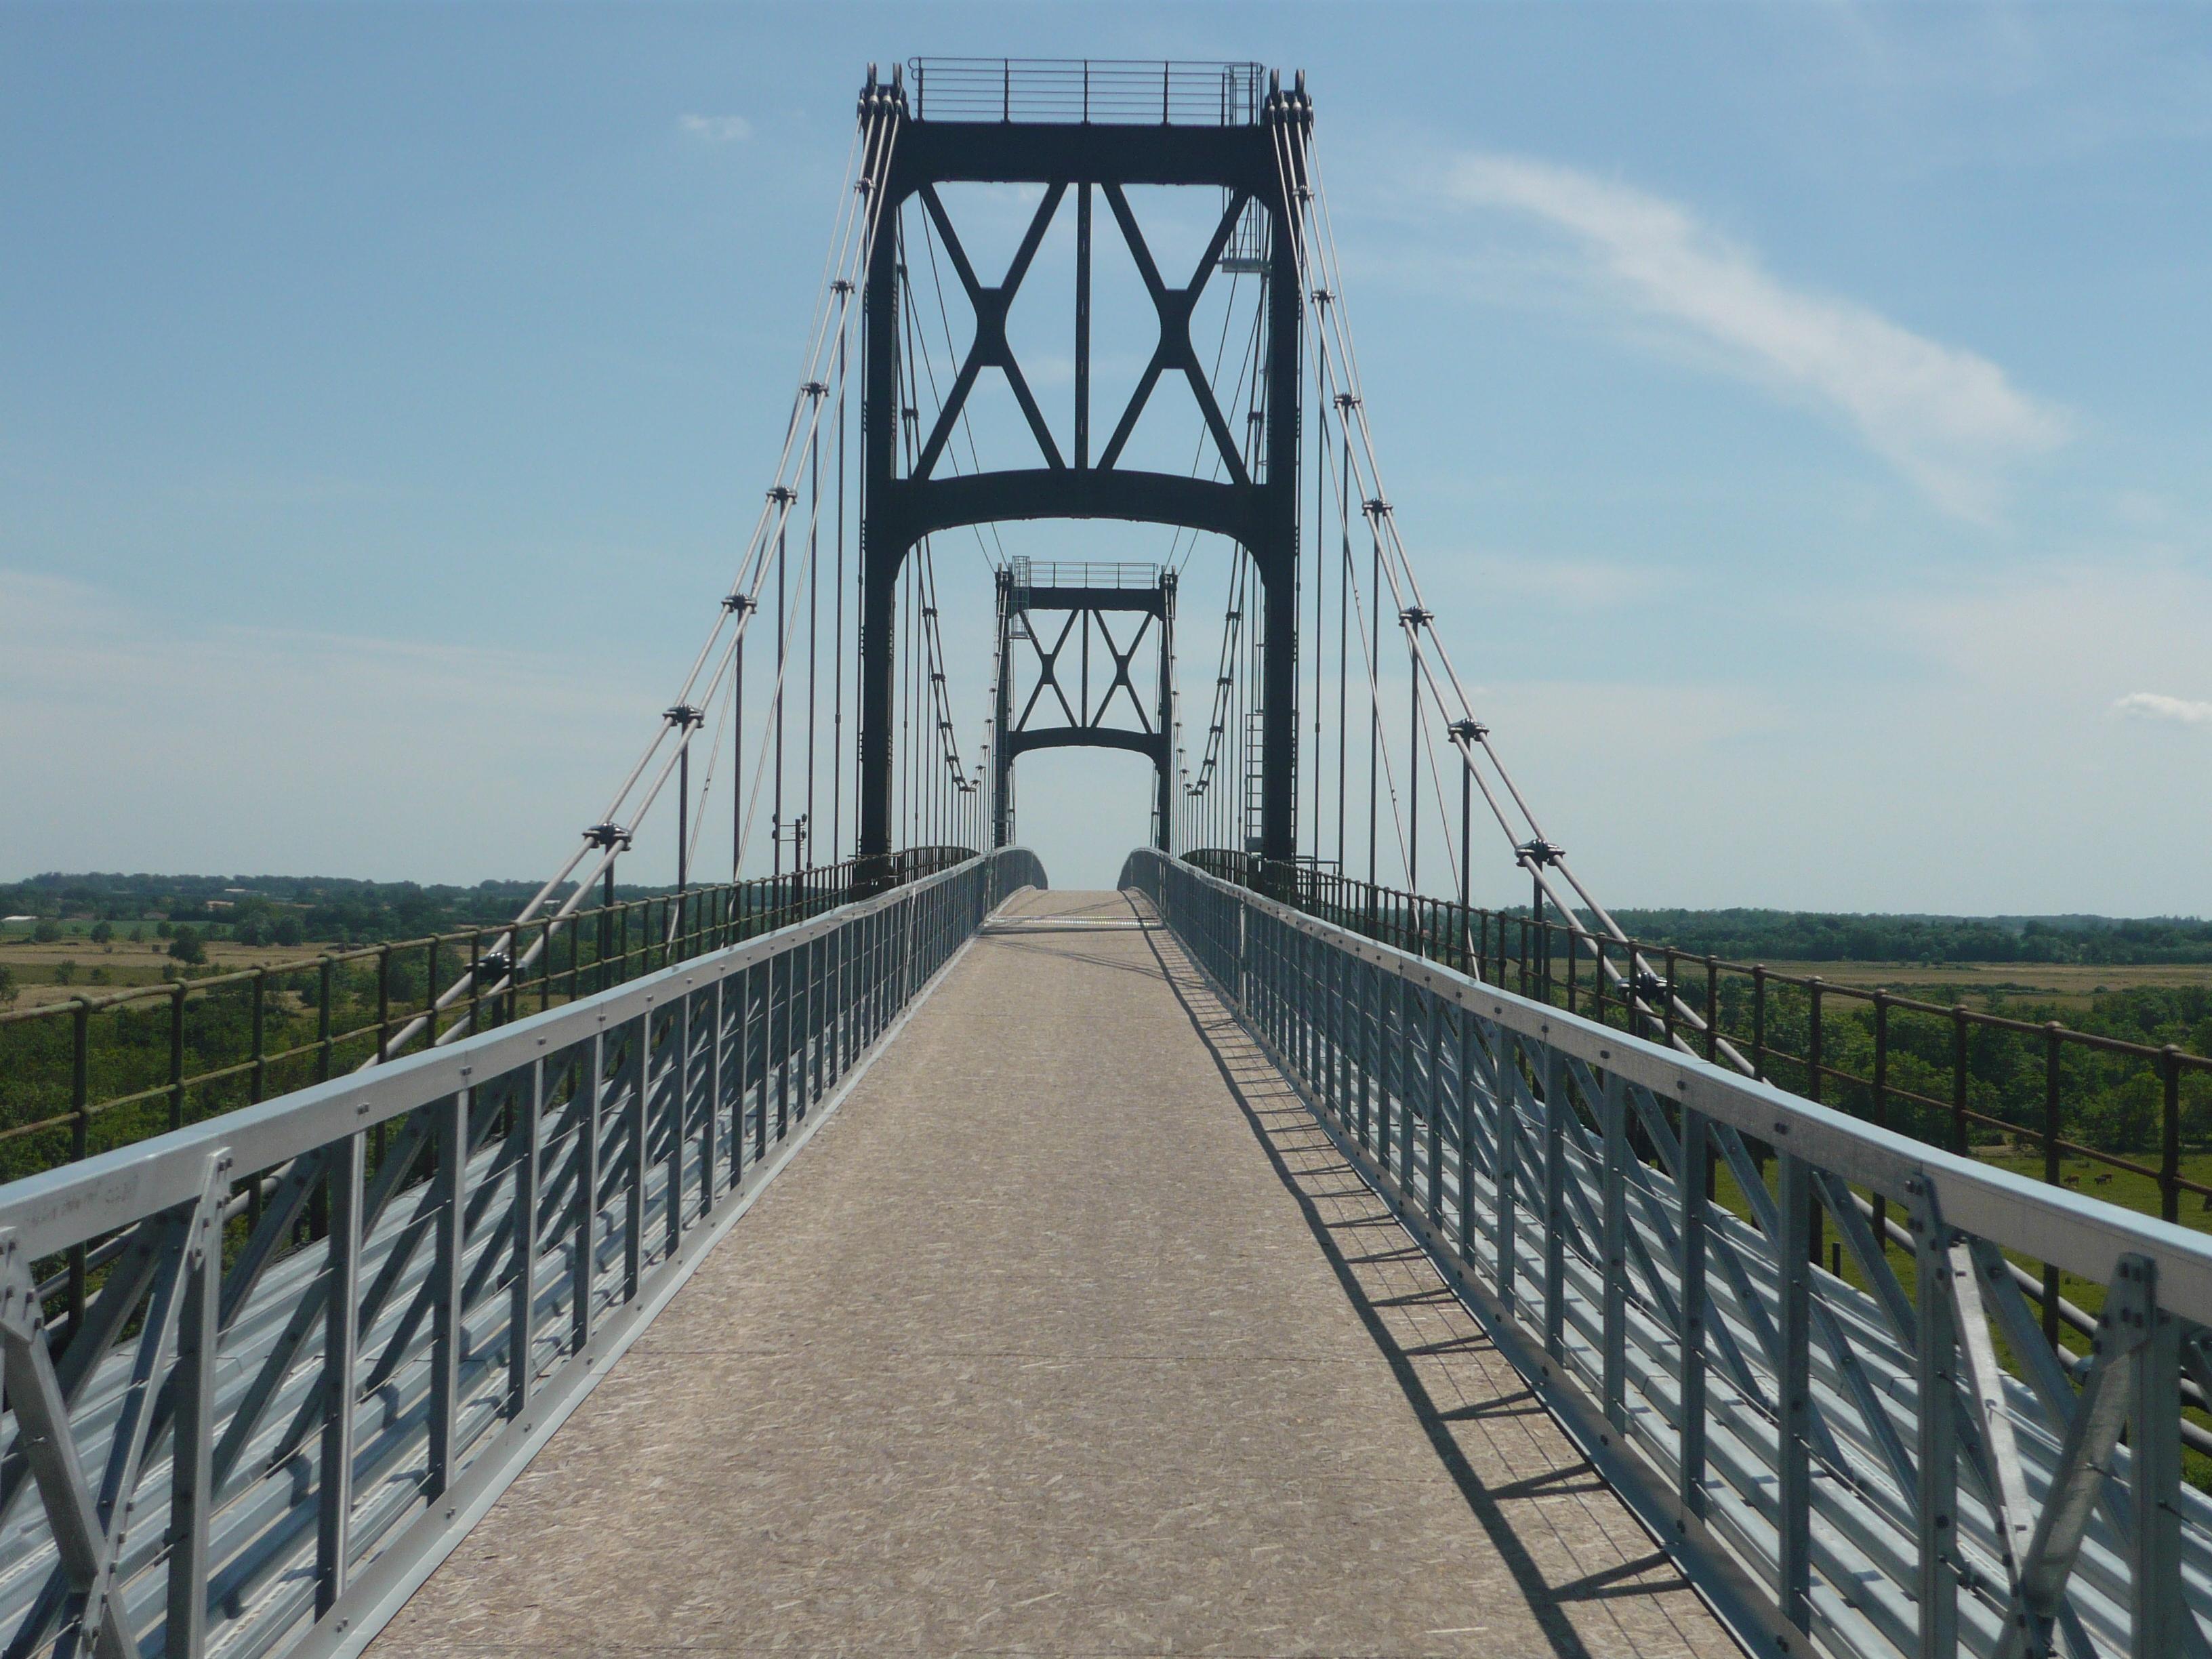 Tonnay-Charente France  City pictures : ... :Accès au pont suspendu de Tonnay Charente Wikimedia Commons